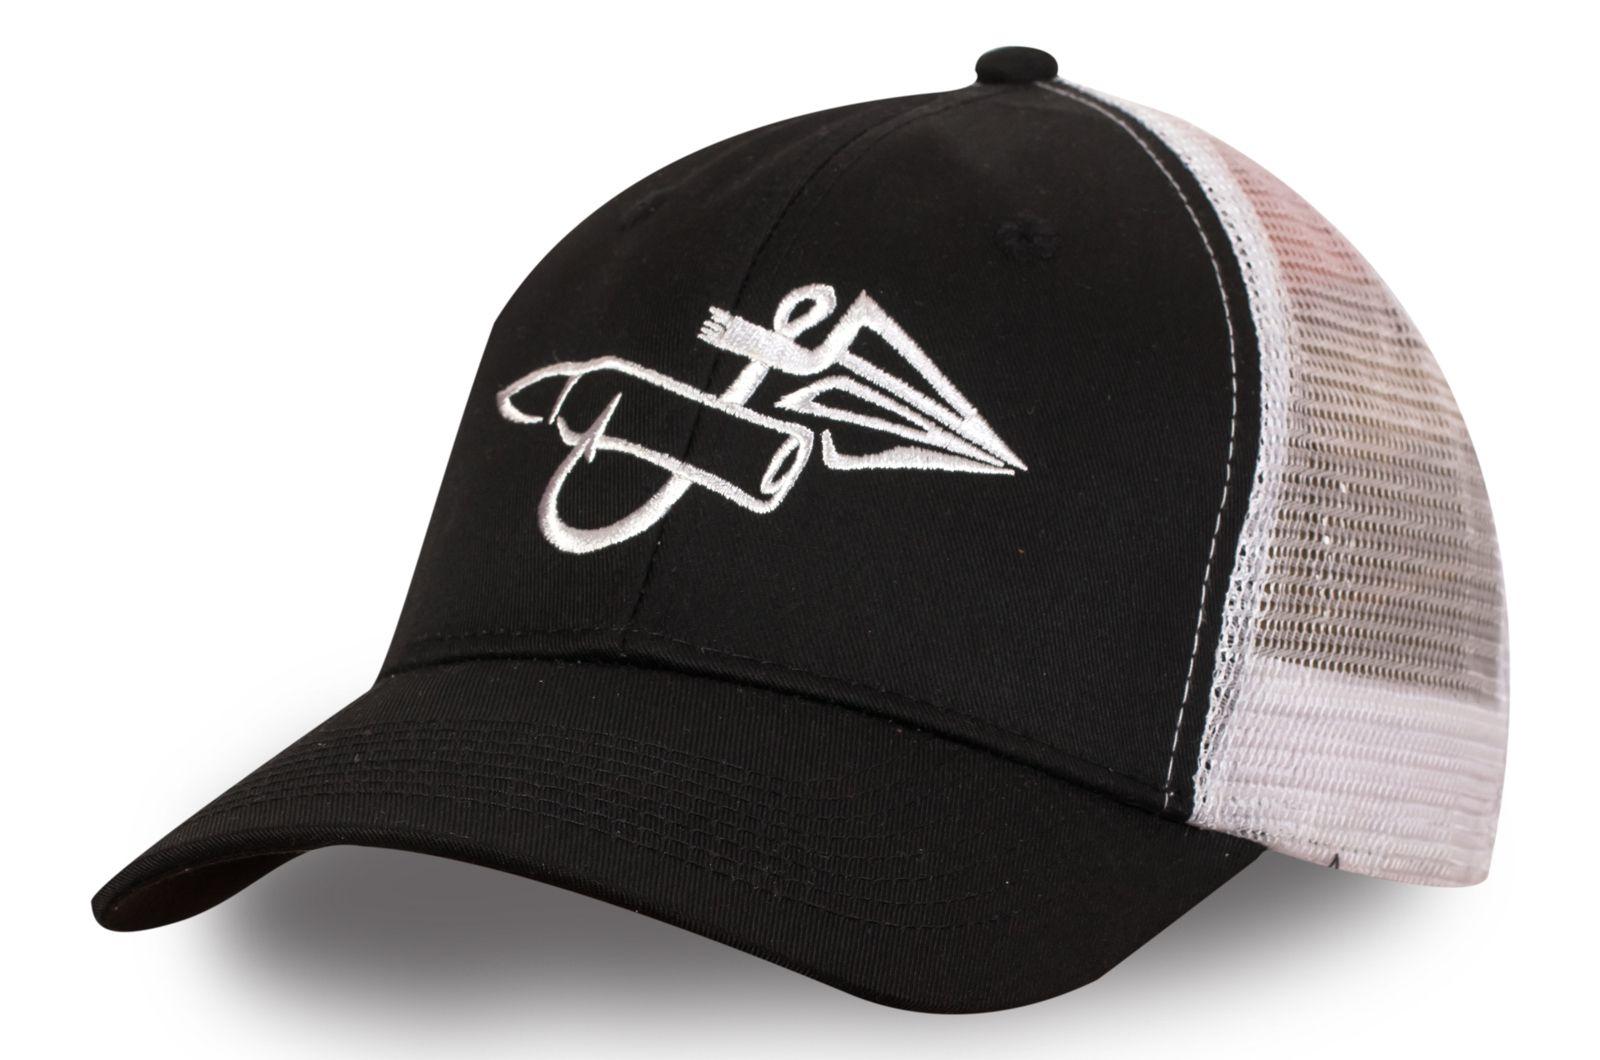 Бейсболка с рыбацким логотипом - заказать по специальной цене